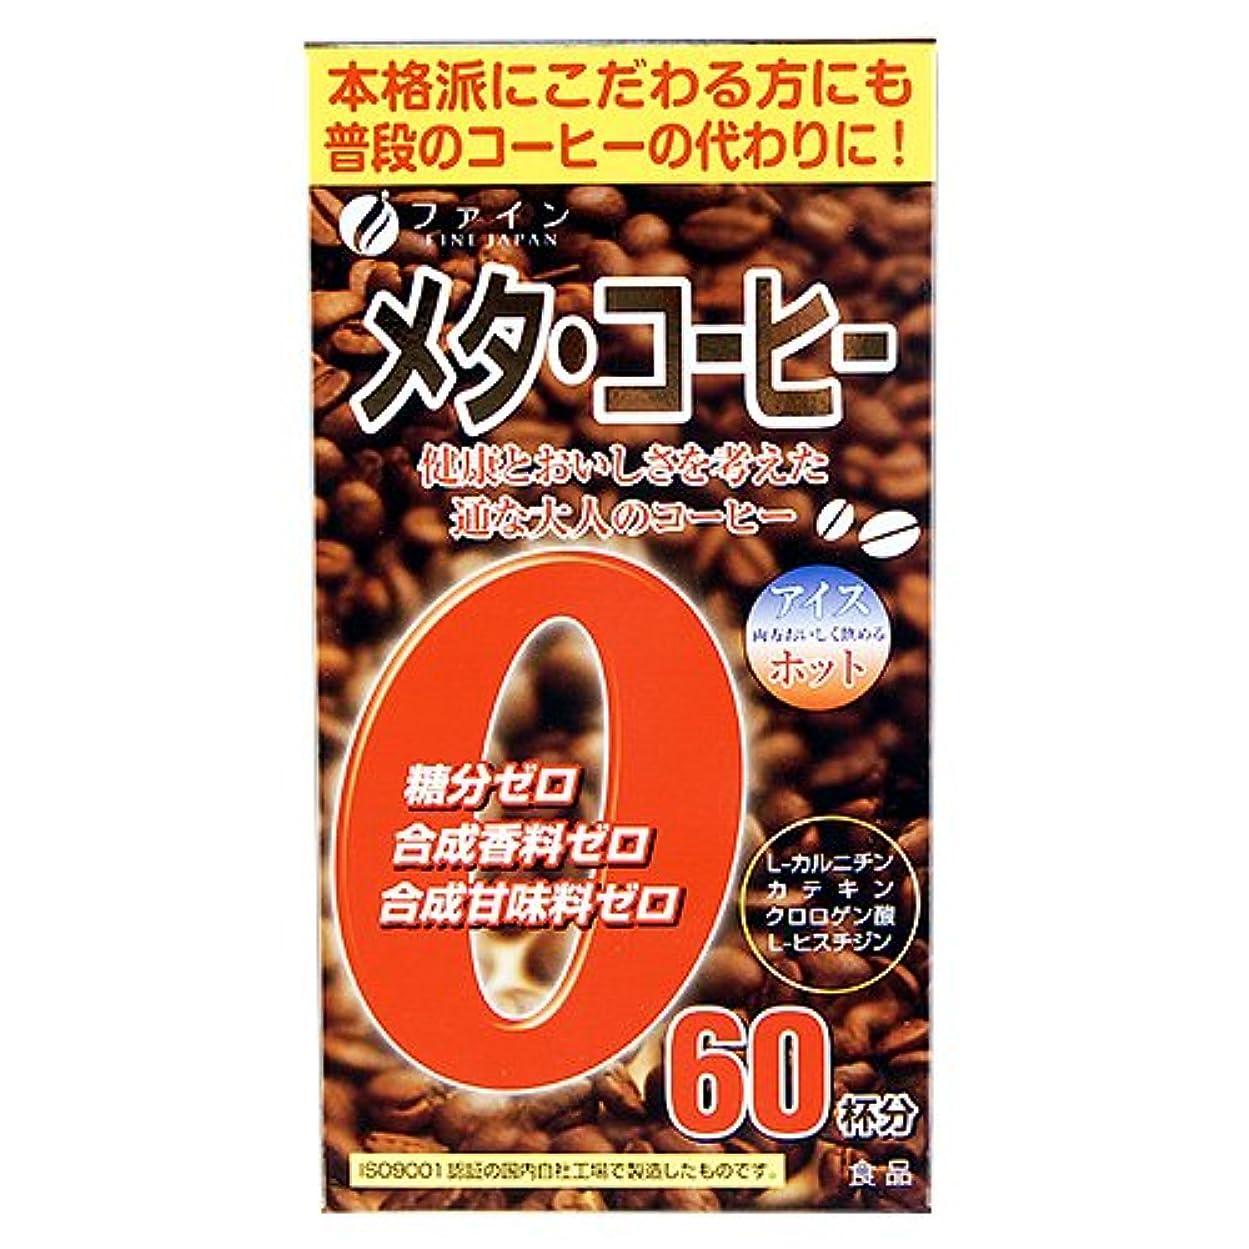 魅力マルクス主義クールメタコーヒー 66g 1.1g×60包 ファイン